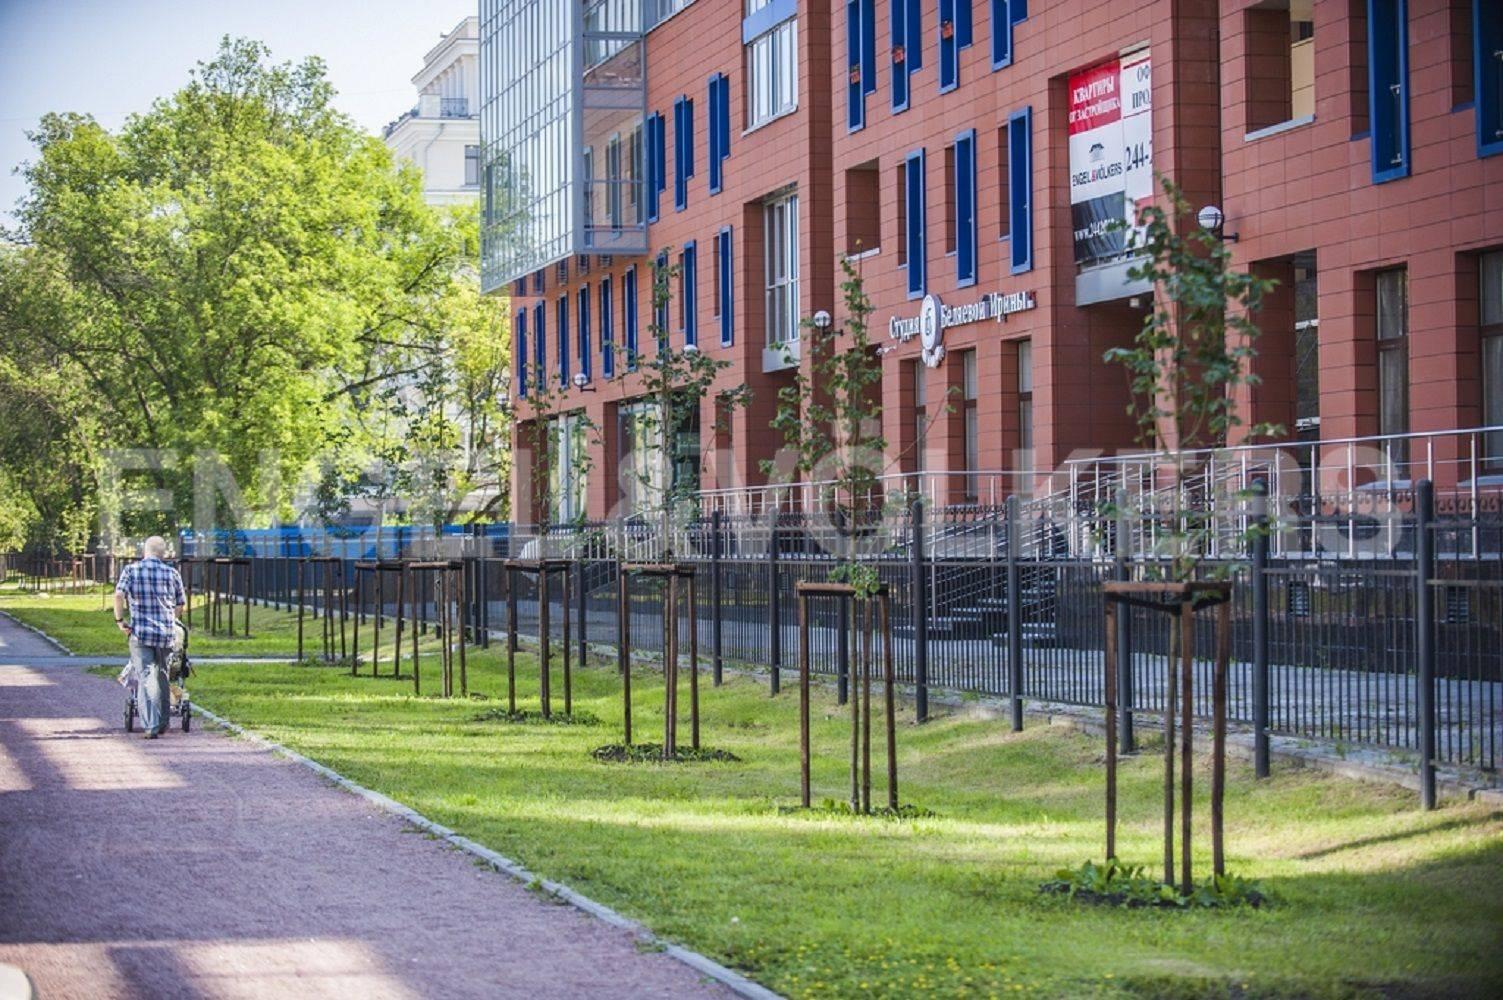 Элитные квартиры на . Санкт-Петербург, Морской проспект, дом 28. Прогулочная аллея